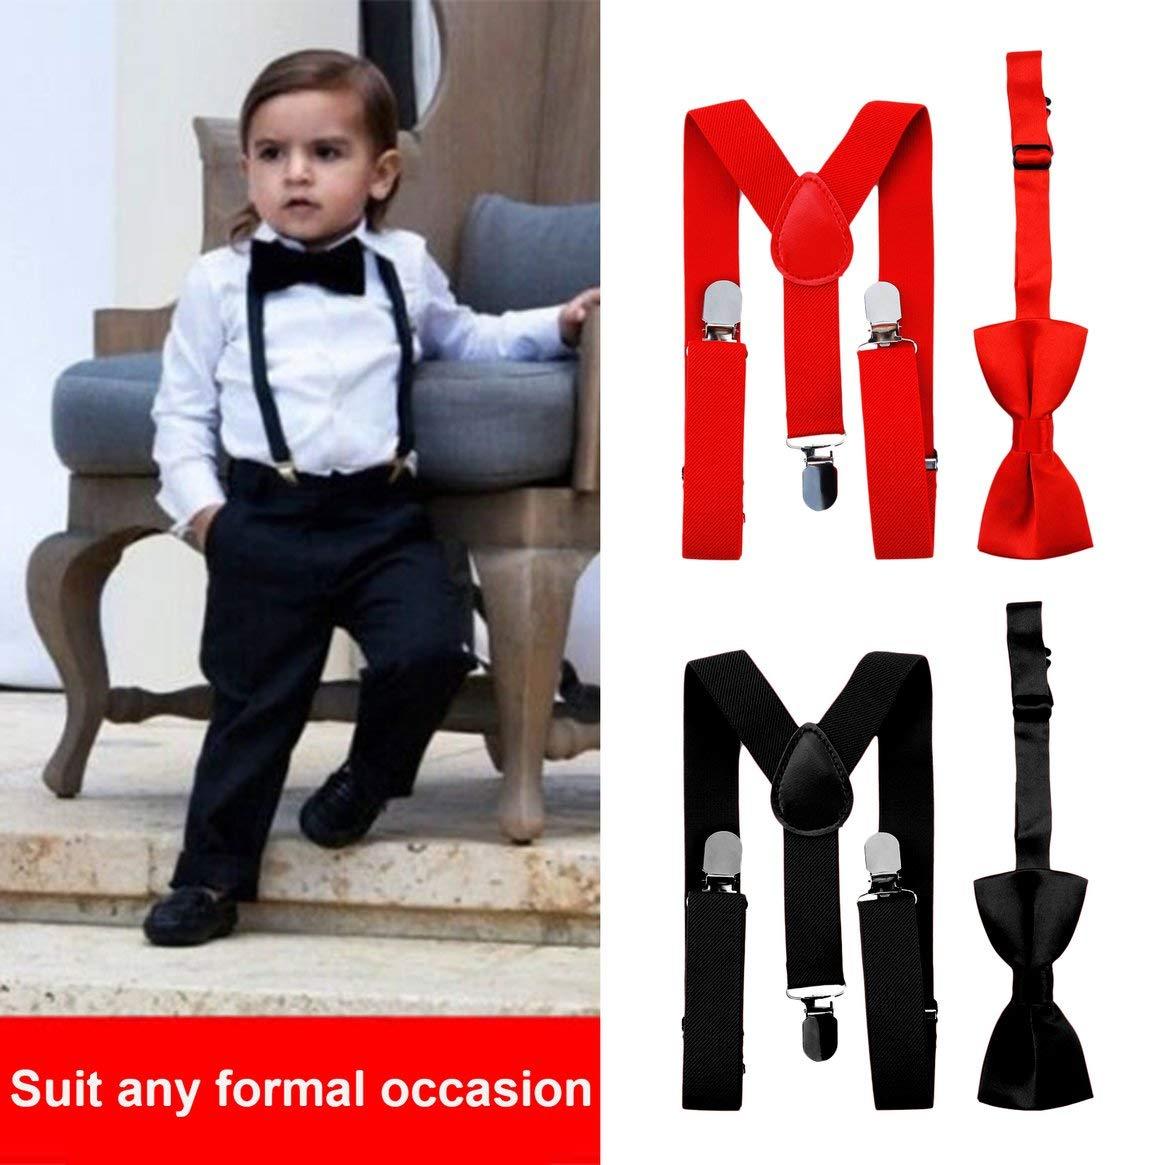 Delicacydex Regolabile ed elastico con clip in metallo Poliestere Design per bambini Bretelle e Papillon Farfallino Set cravatte abbinate